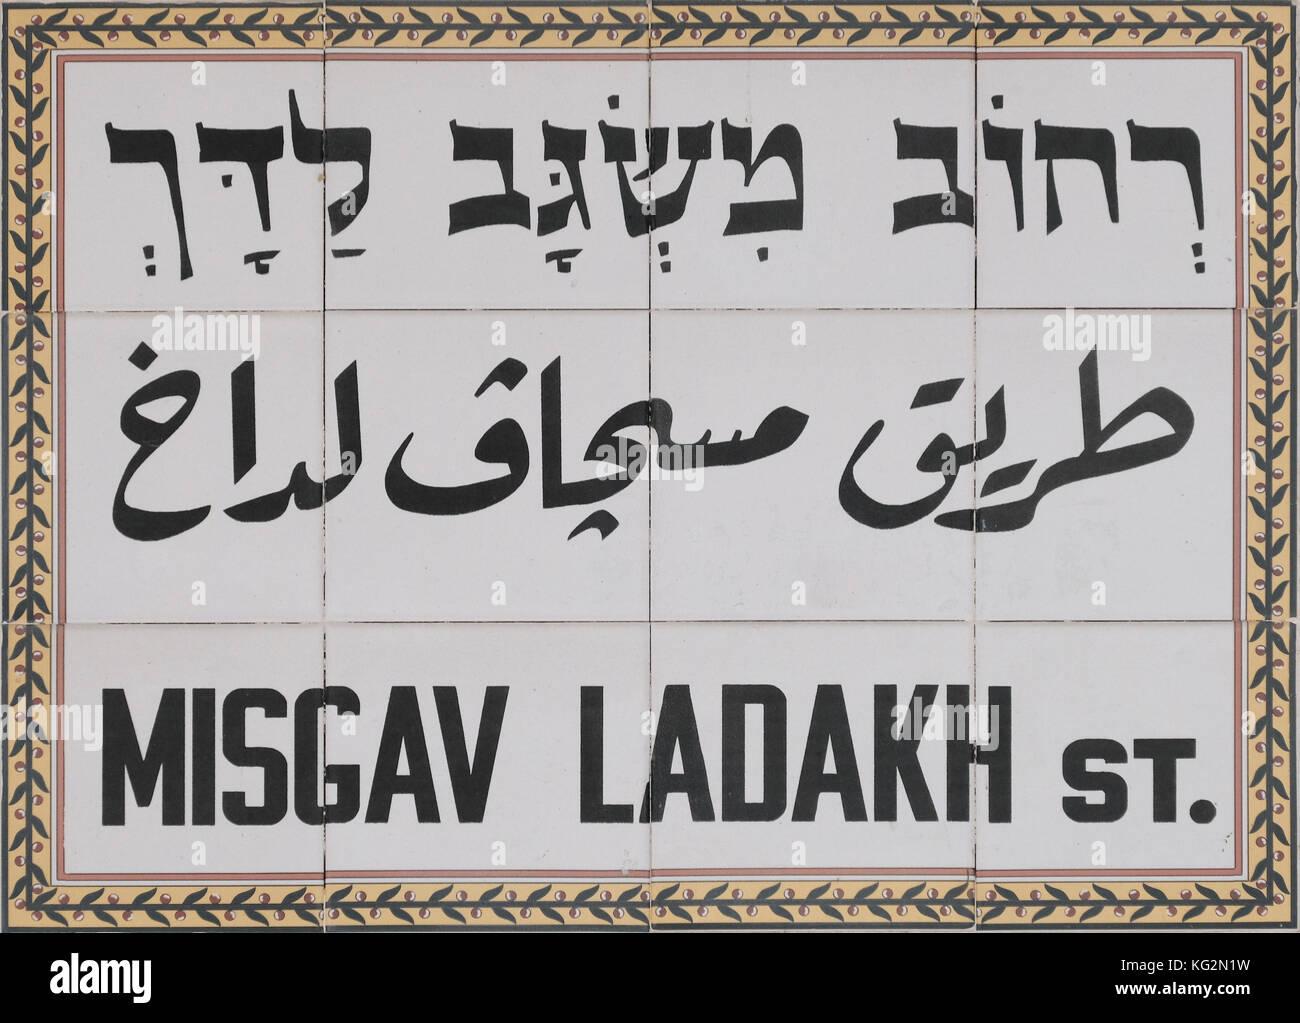 Segno su piastrelle ceramiche in inglese ebraico e arabo di misgav